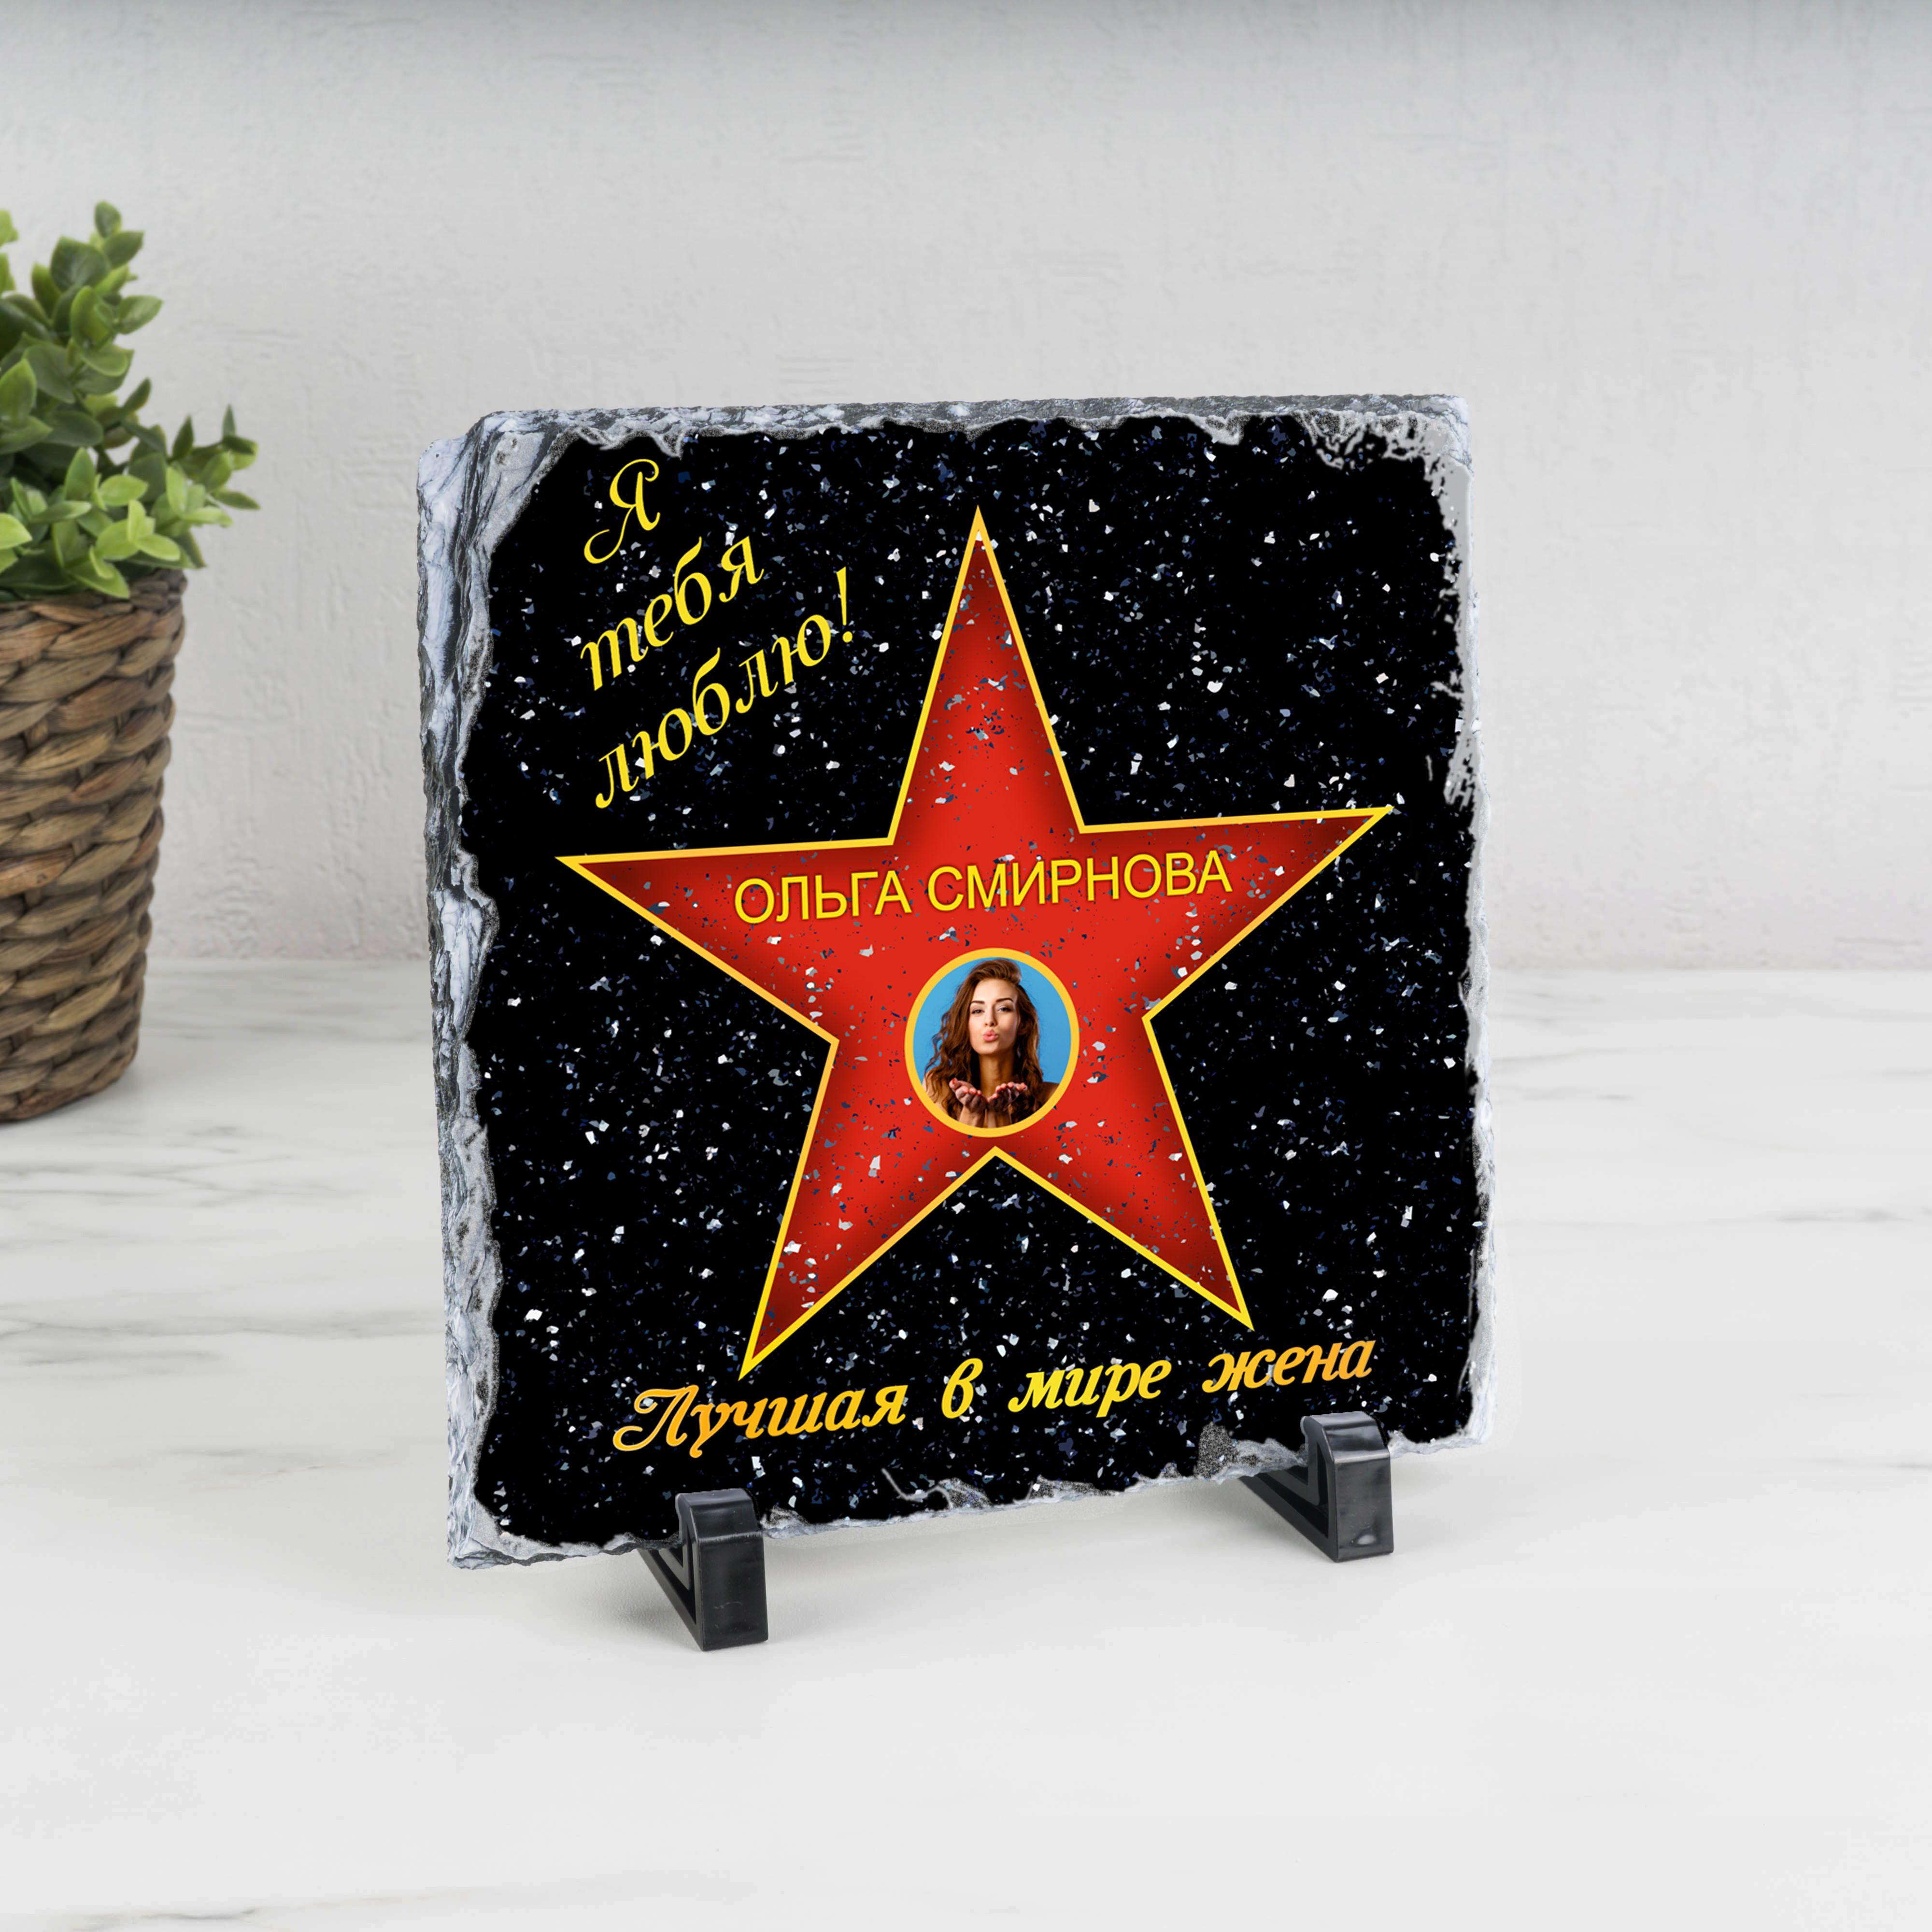 Подарочная звезда с фото «Лучшая в мире жена»  -камень